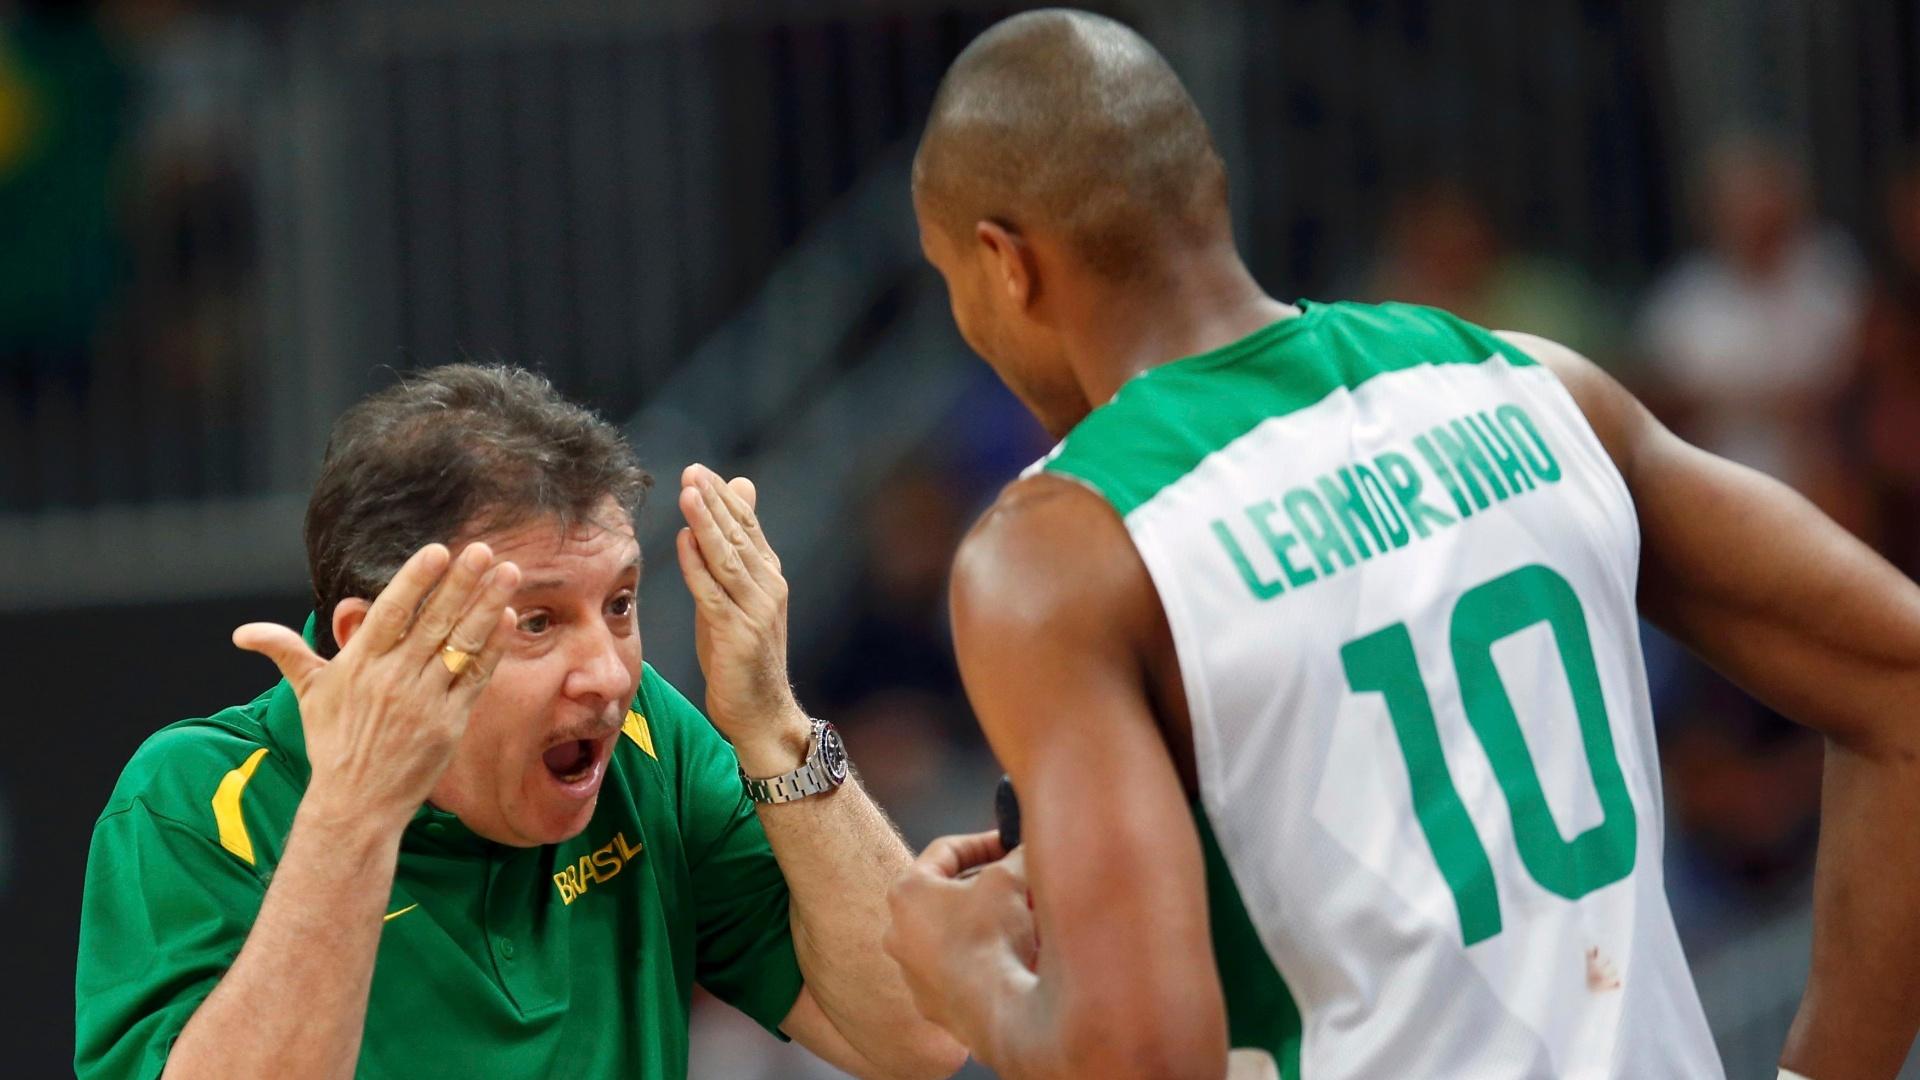 Técnico Ruben Magnano dá bronca em Leandrinho durante estreia do basquete masculino brasileiro na Olimpíada de Londres; brasileiros venceram por 75 a 71 (29/07/2012)